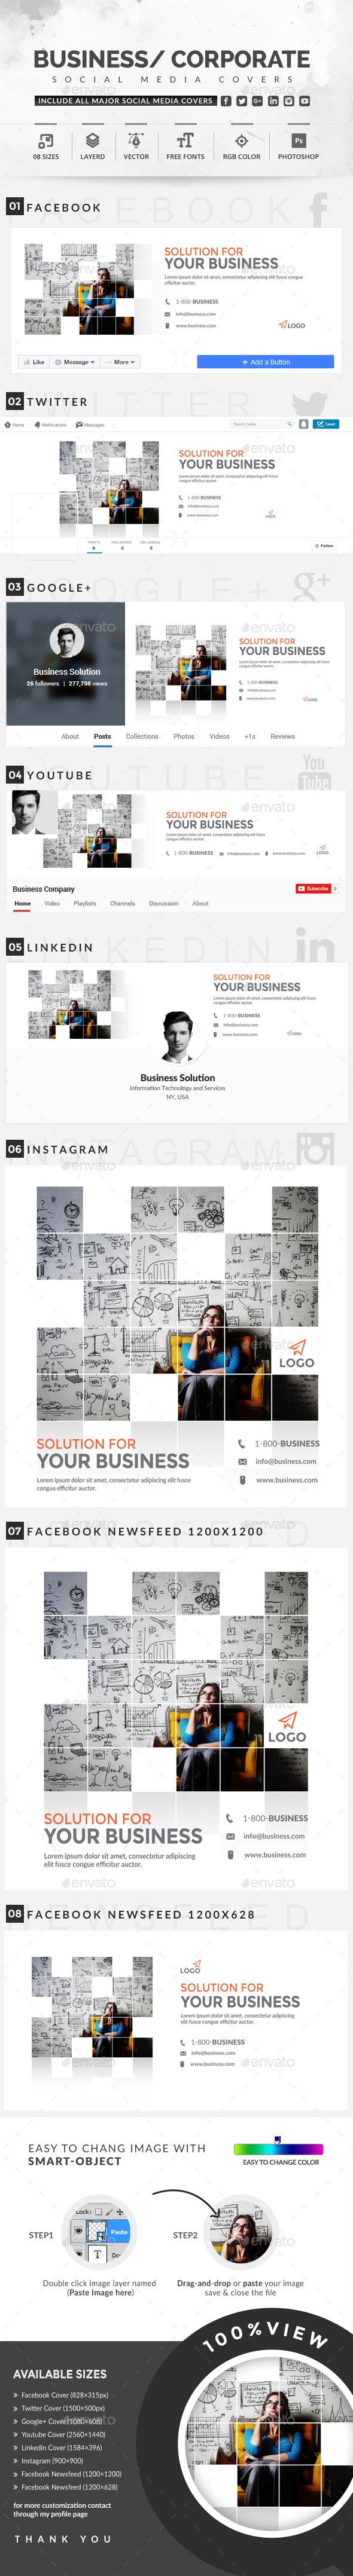 Social Media Covers - Social Media Web Elements